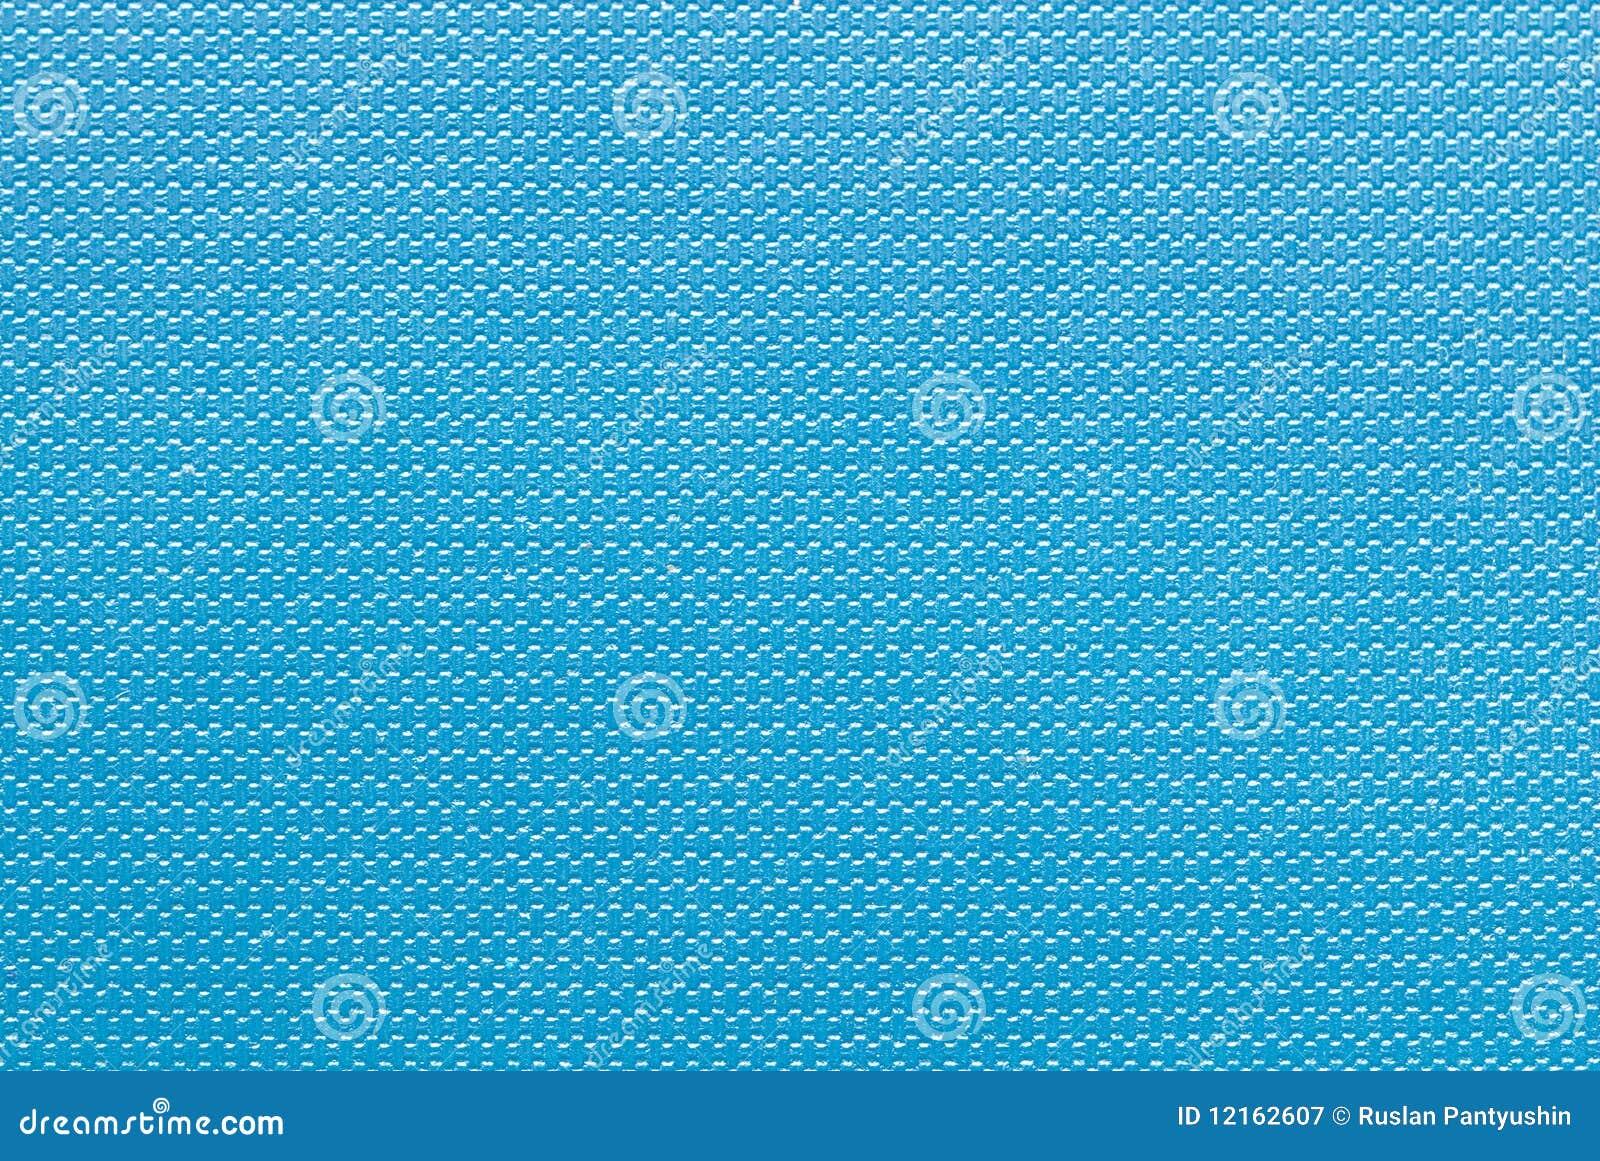 Texture En Plastique Photographie stock libre de droits - Image: 12162607